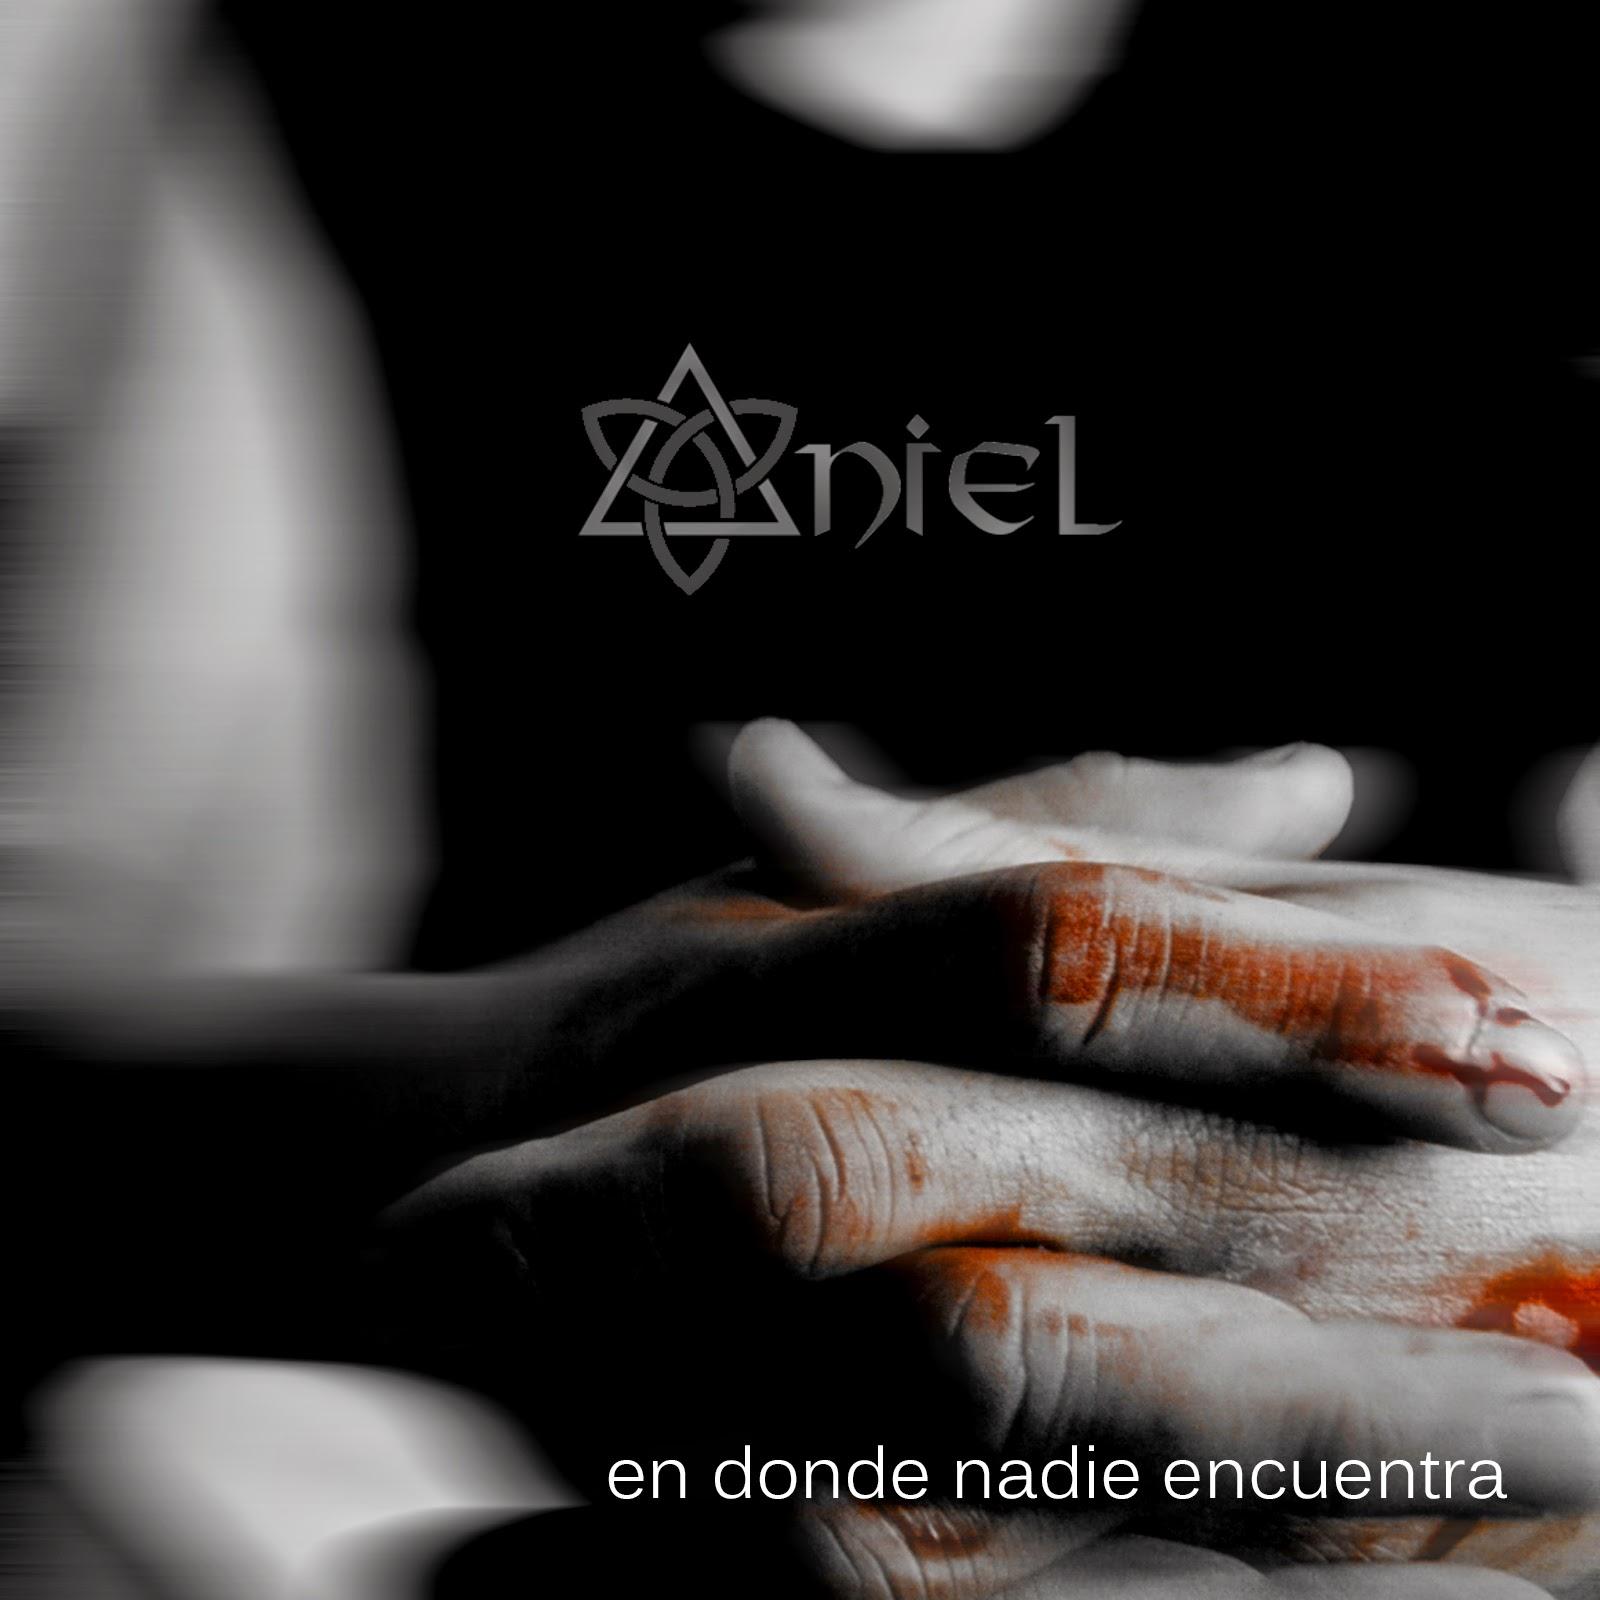 arte de la caratula de la segunda cancion de Aniel Guerrero